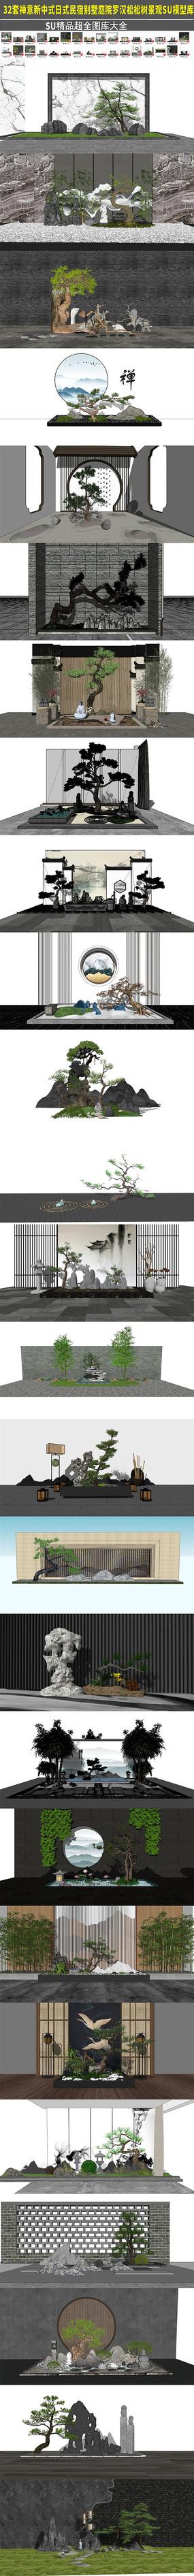 禅意新中式日式民宿庭院罗雕塑